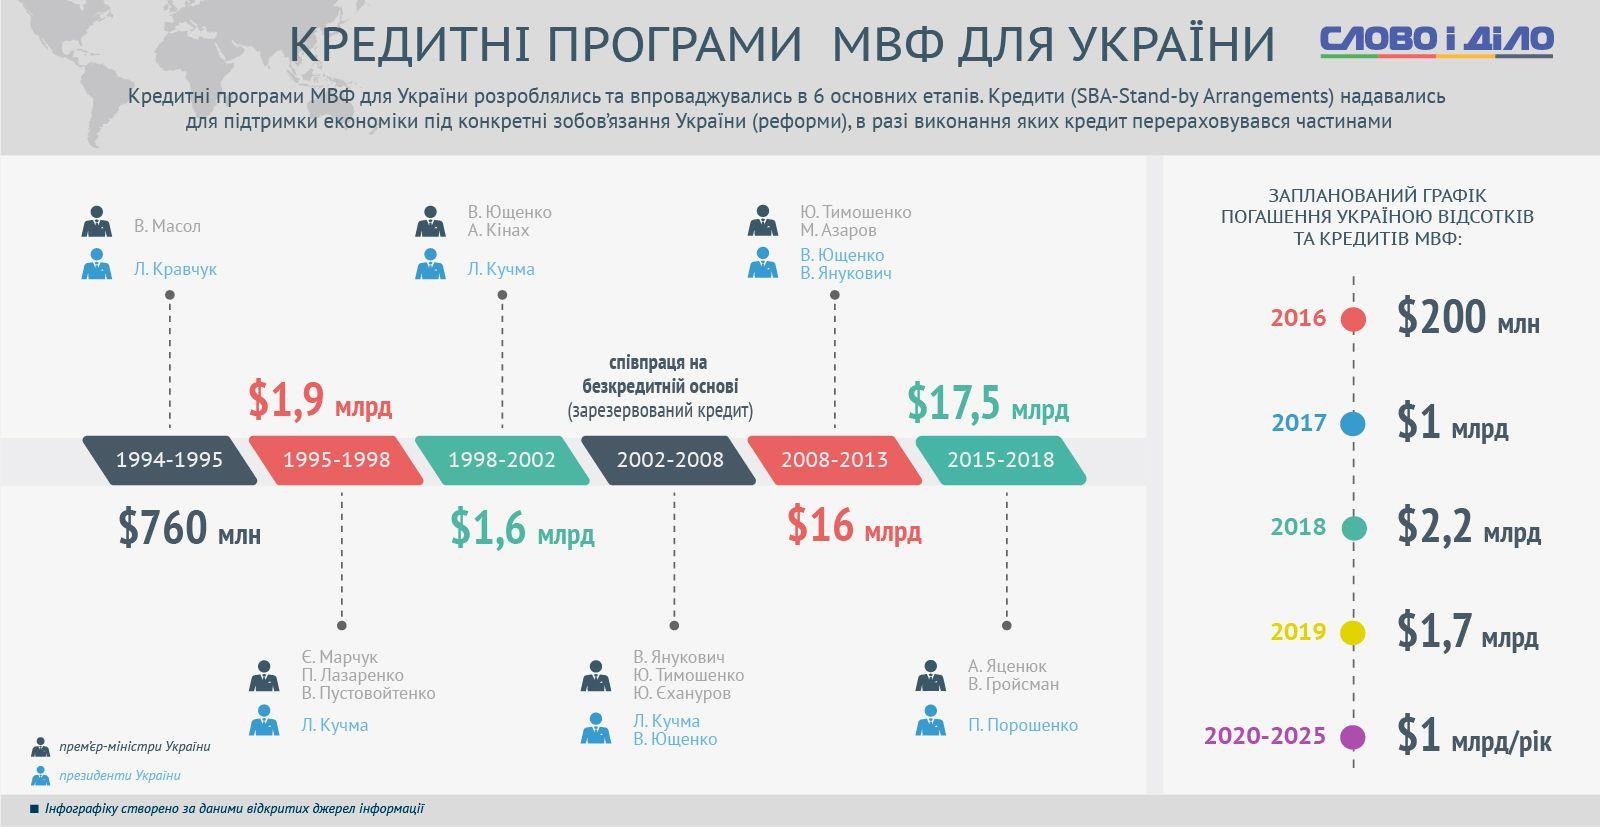 кредити Україні від МВФ